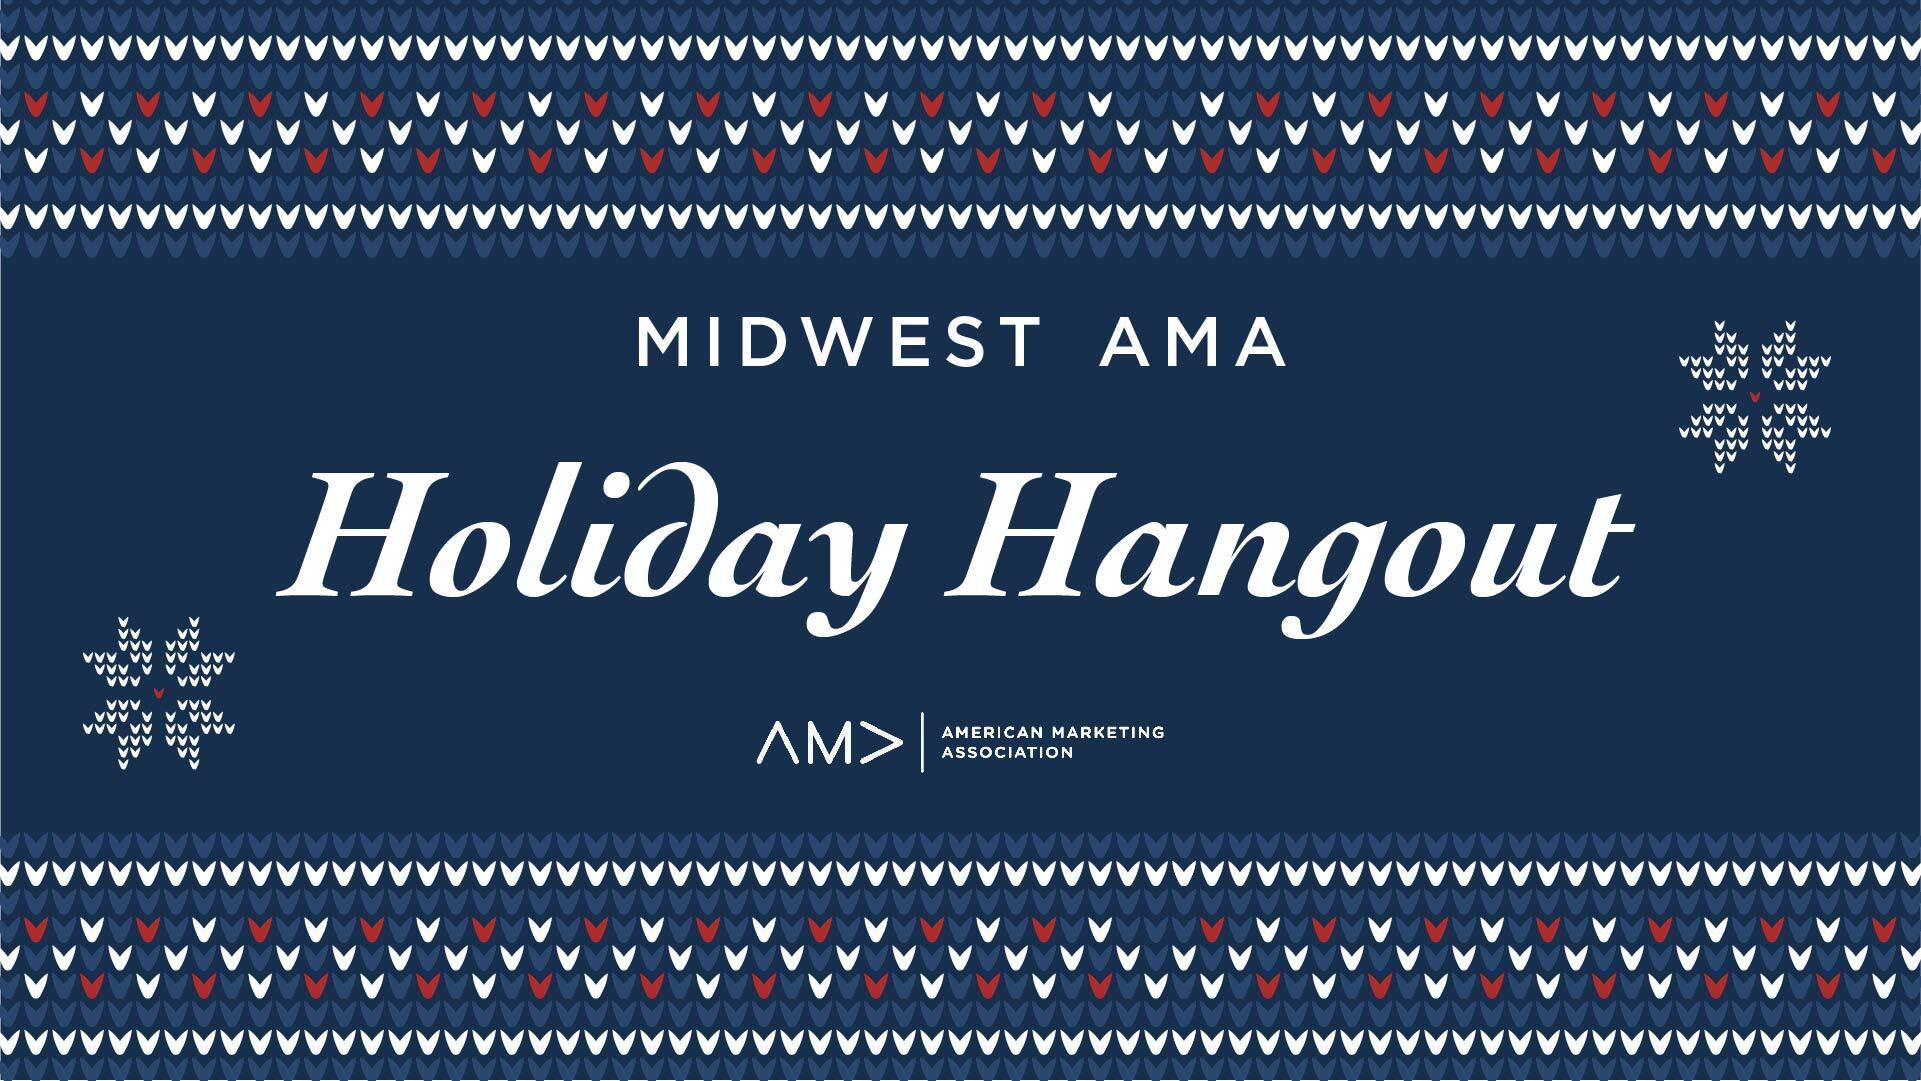 AMA_HolidayHangout-01